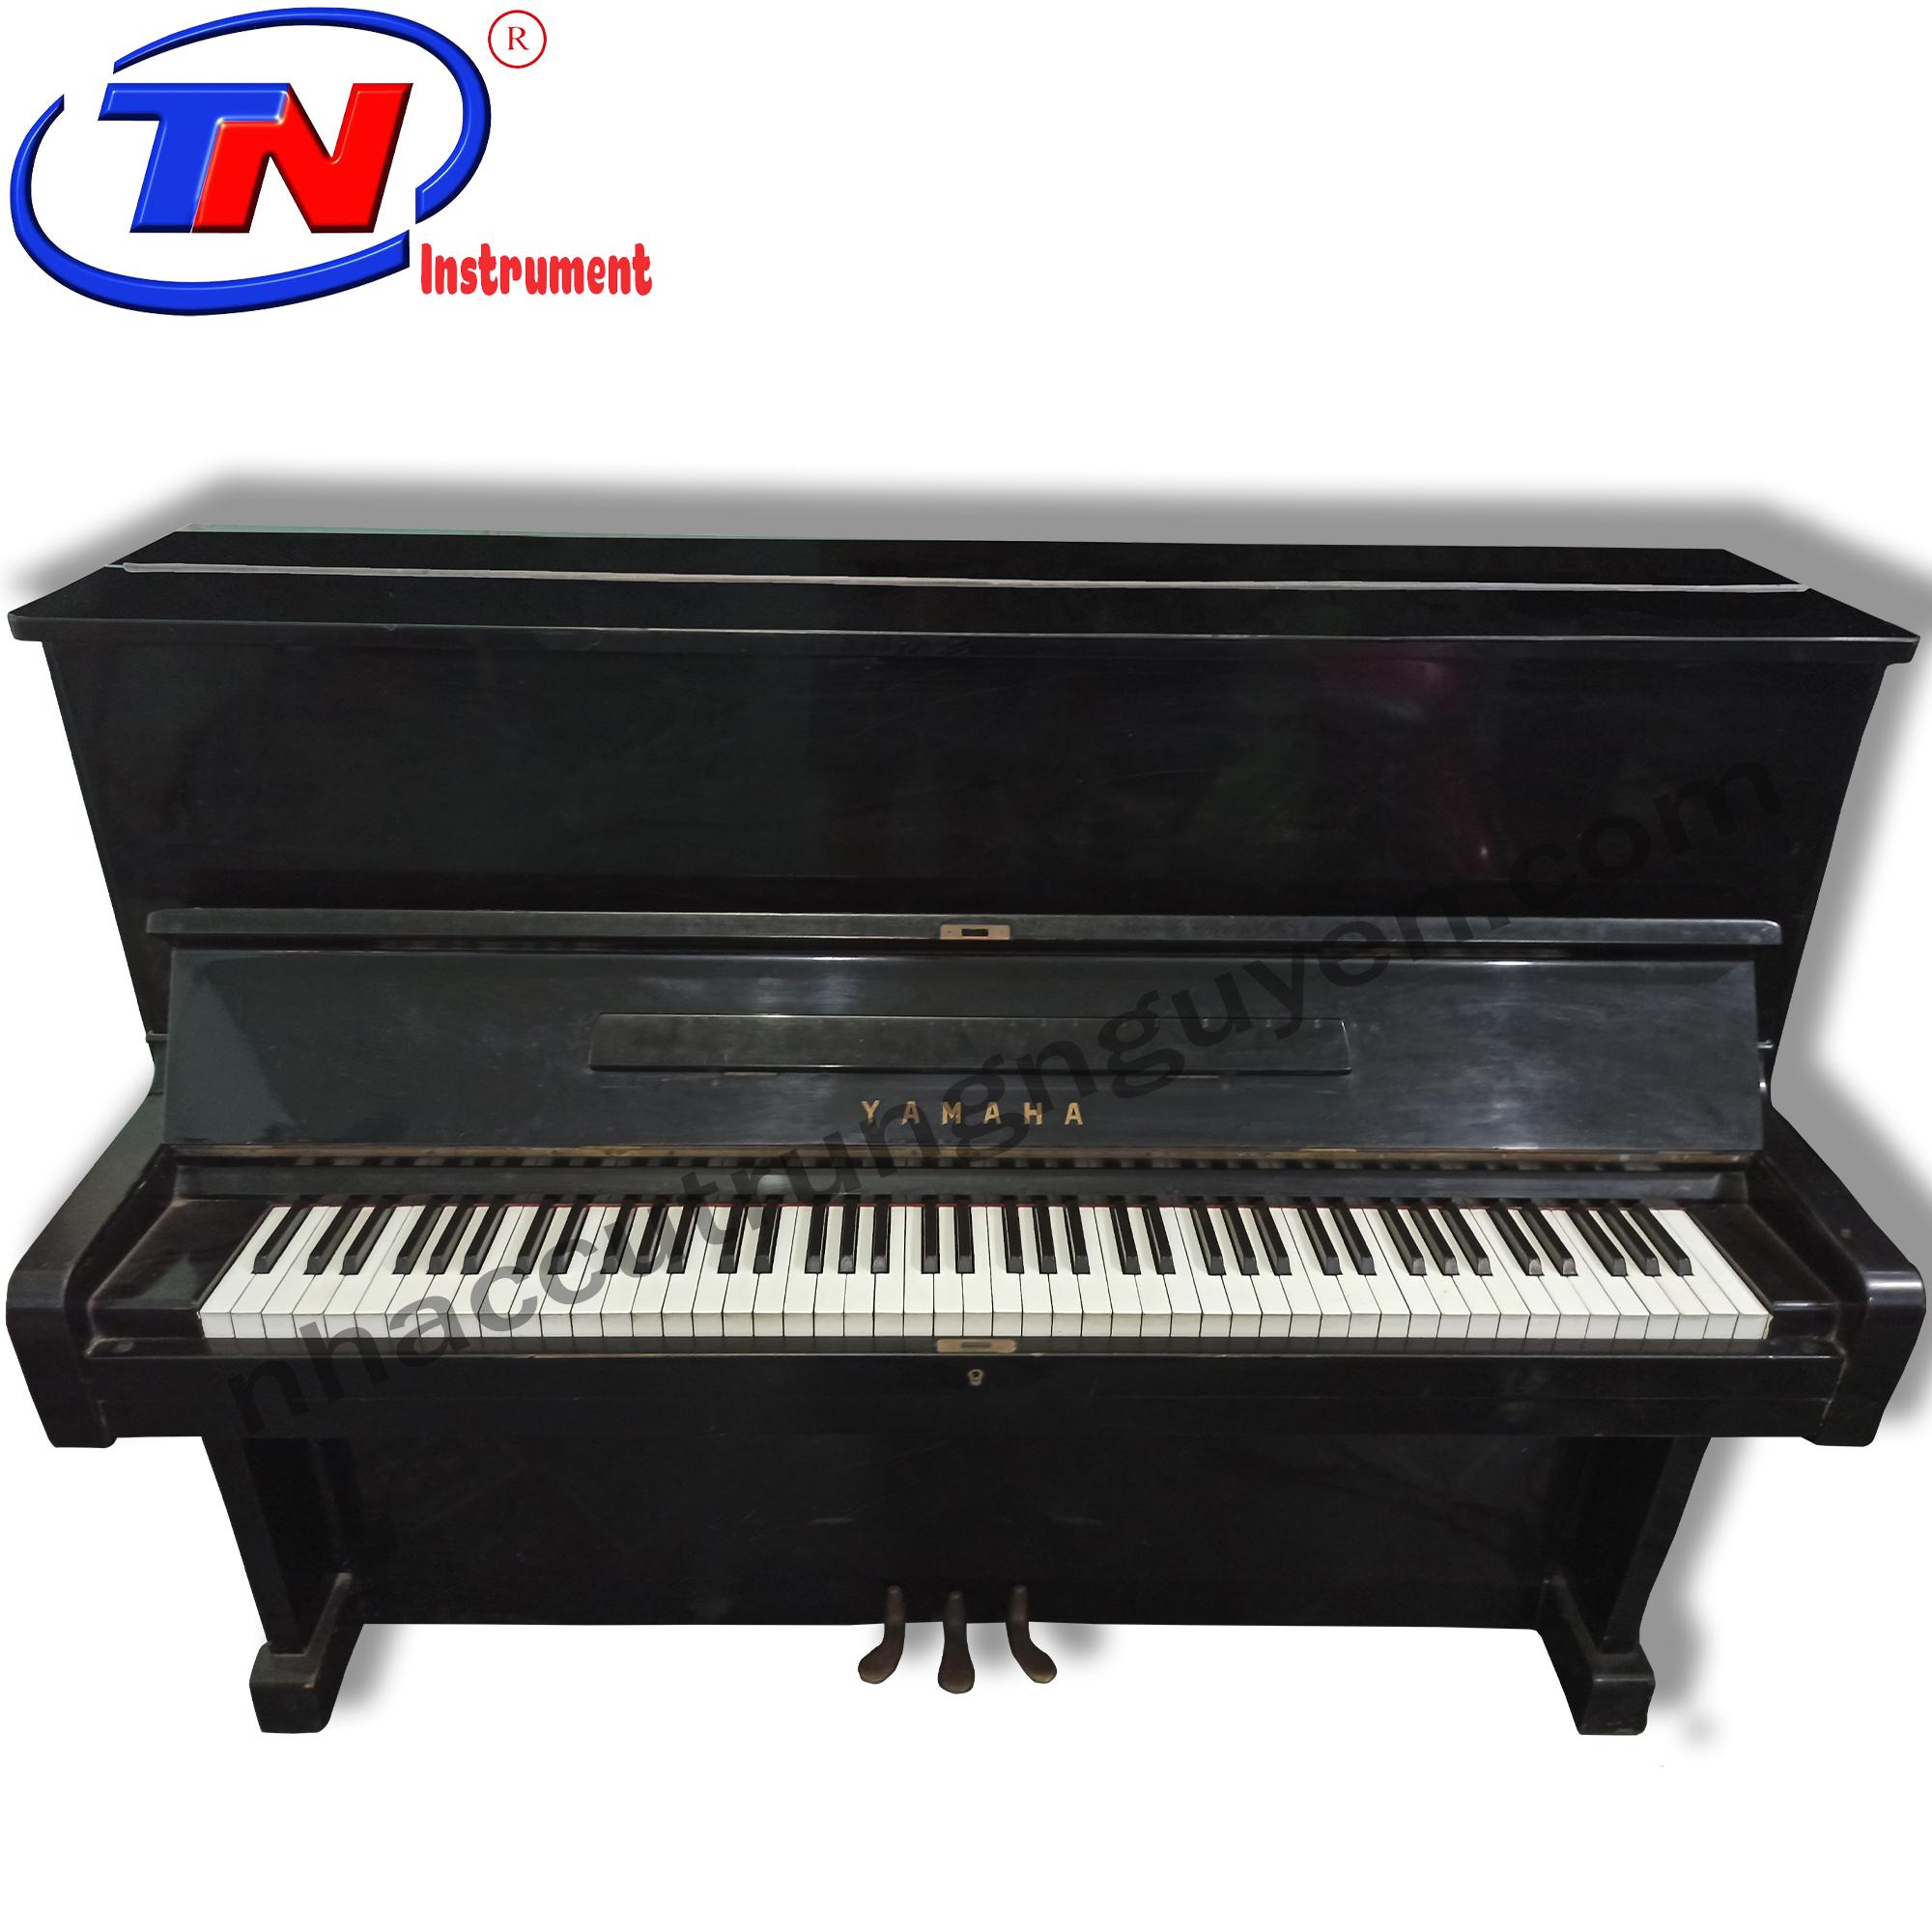 Đàn Piano cơ Yamaha thanh lý giá tốt, chất lượng